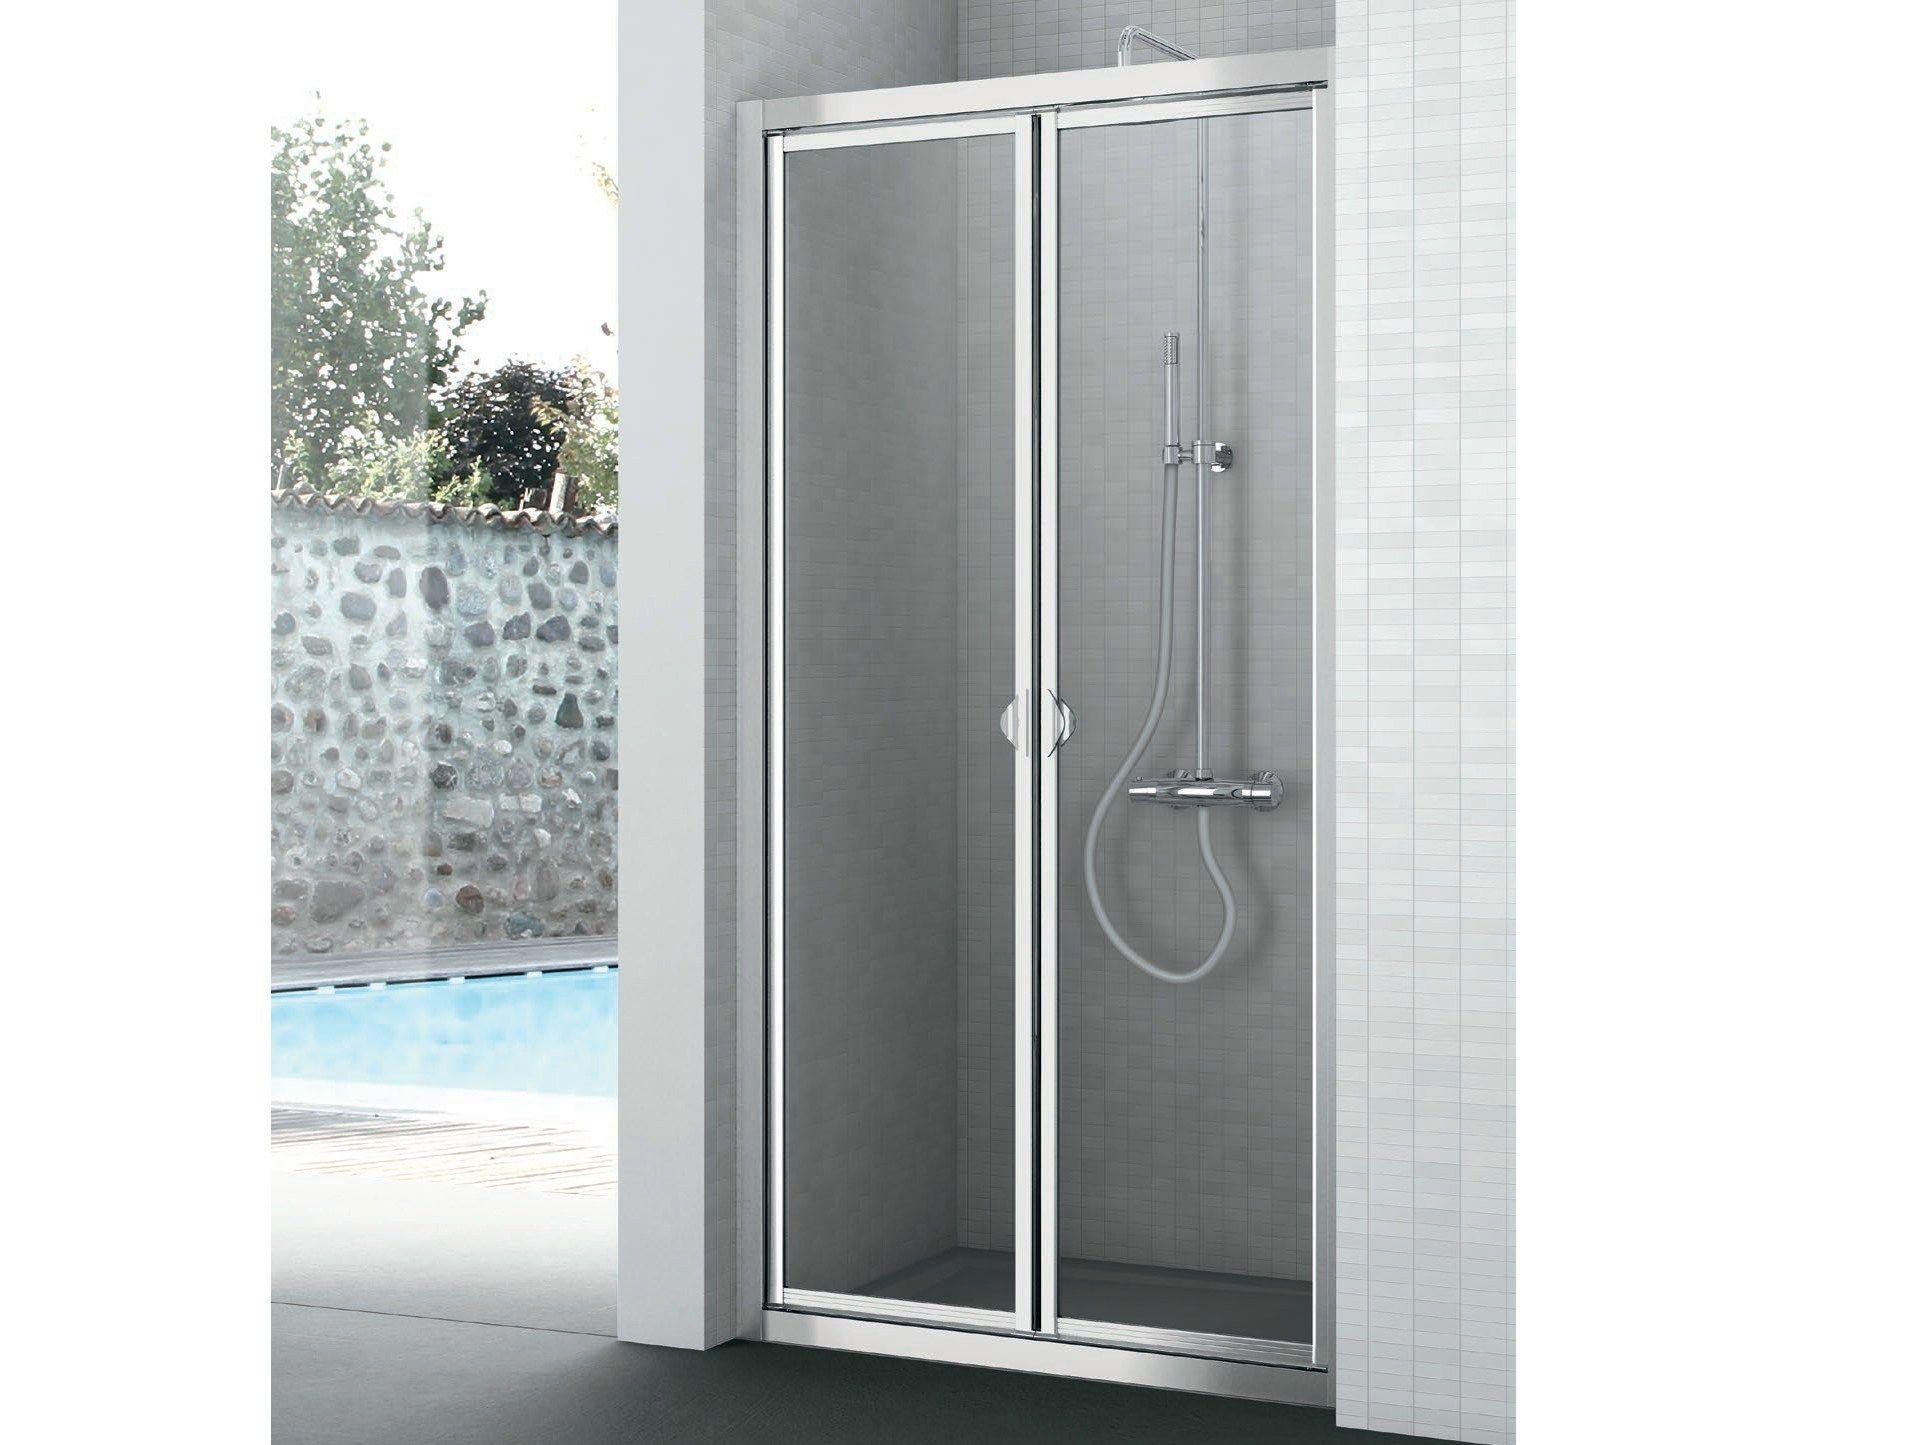 Box doccia due ante boiserie in ceramica per bagno - Ante per doccia ...